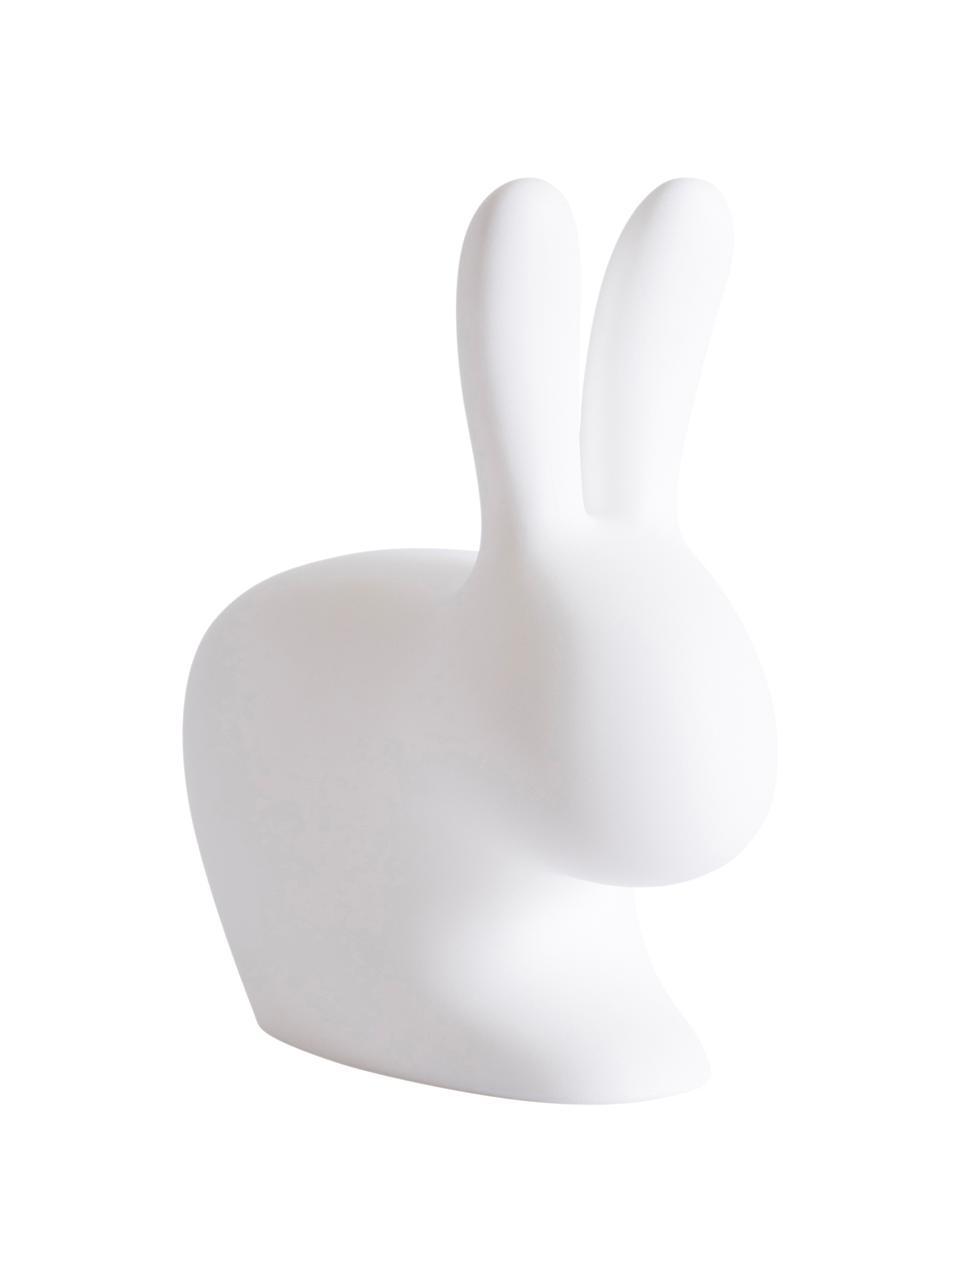 Dimmbare Mobile Tischlampe Rabbit, Leuchte: Kunststoff (Polyethylen), Weiß, 20 x 22 cm